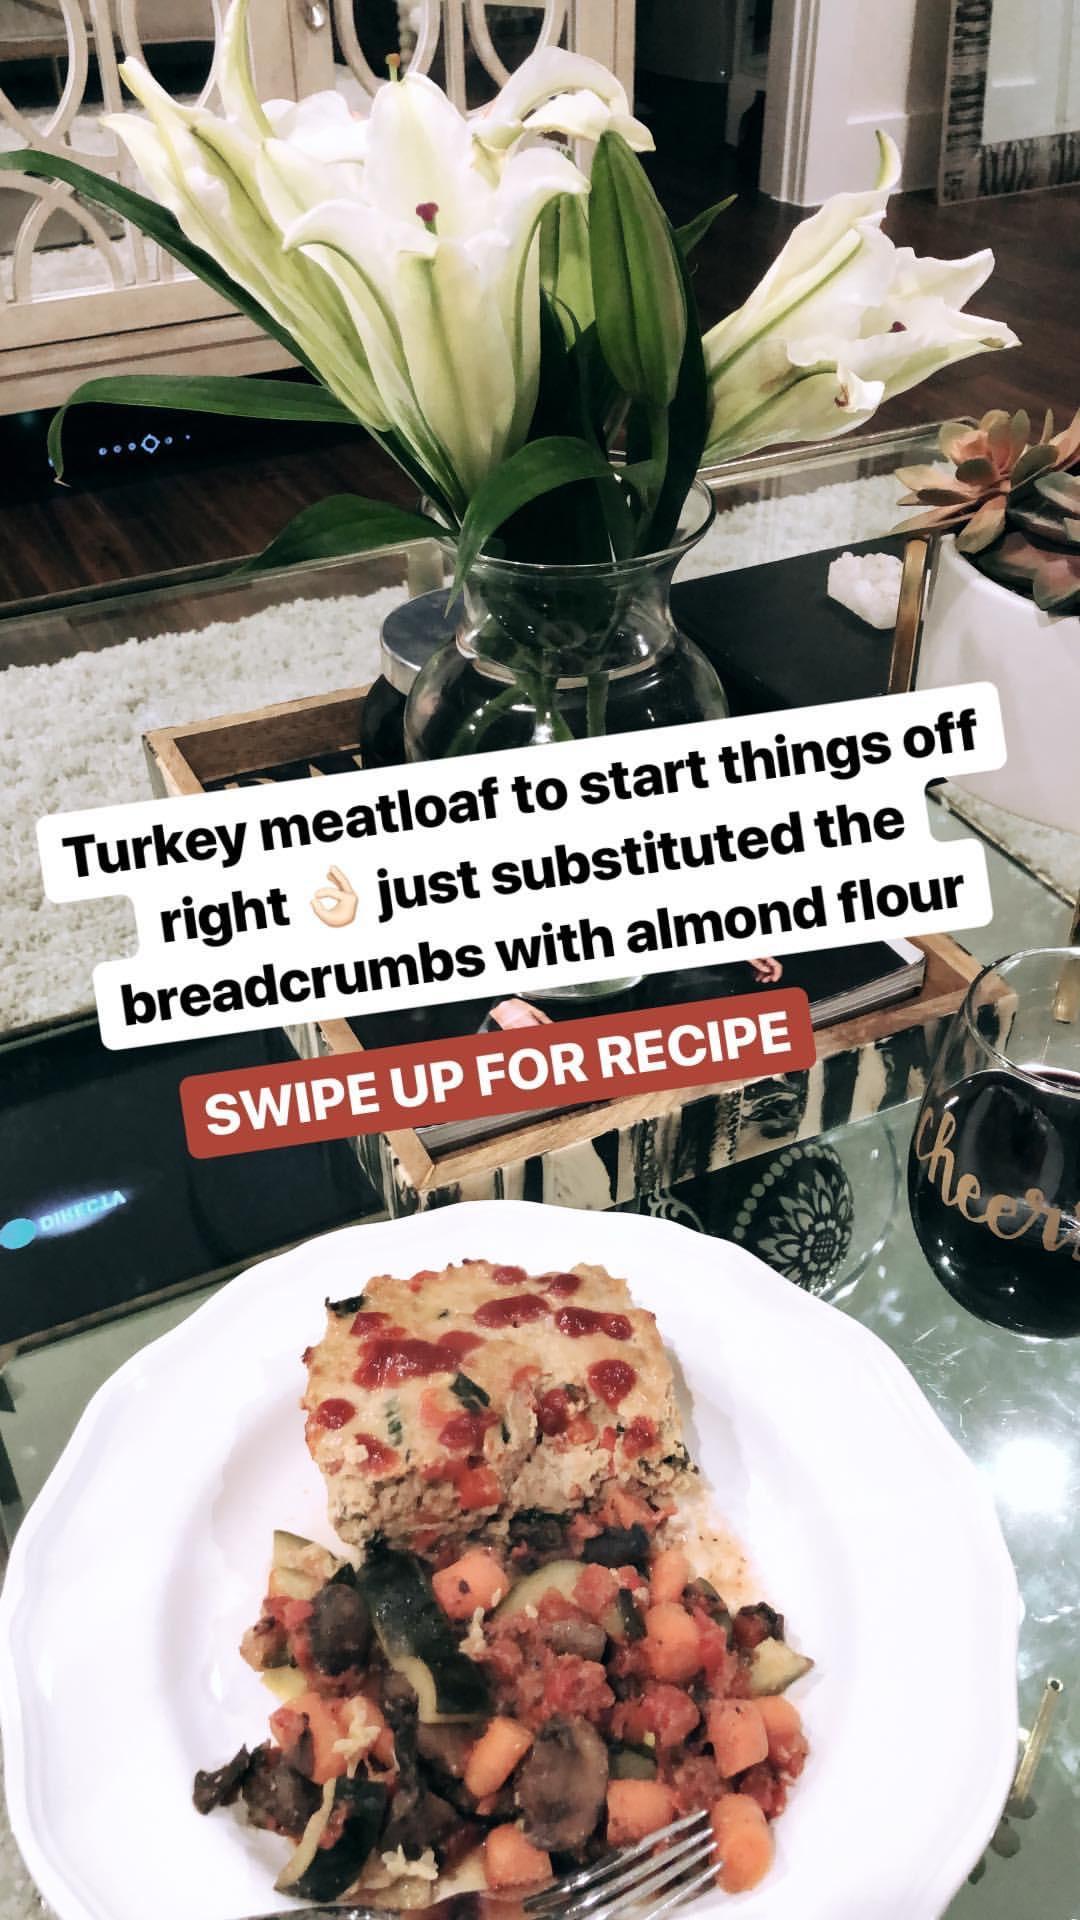 turkey meatloaf clean eating diet